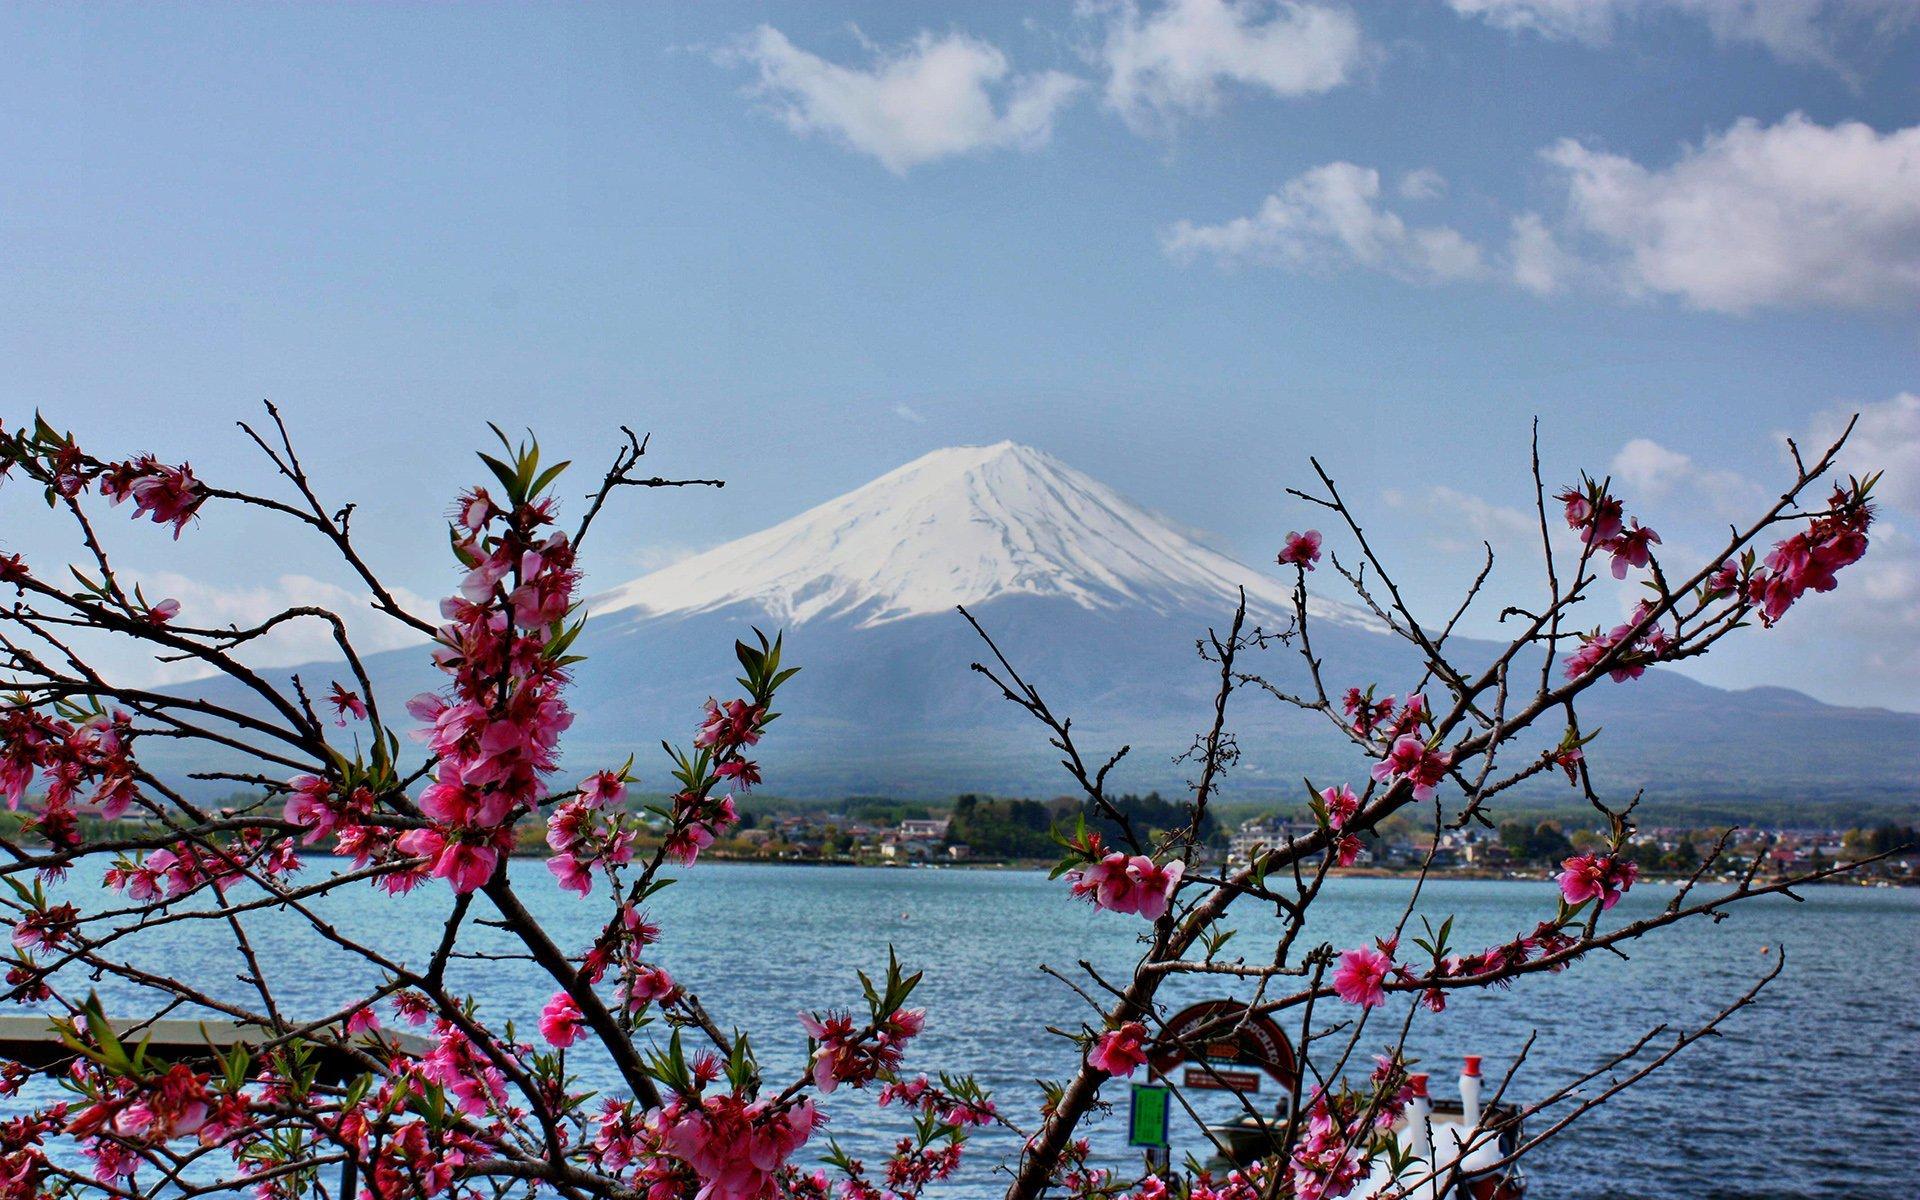 fuji dağı manzarası